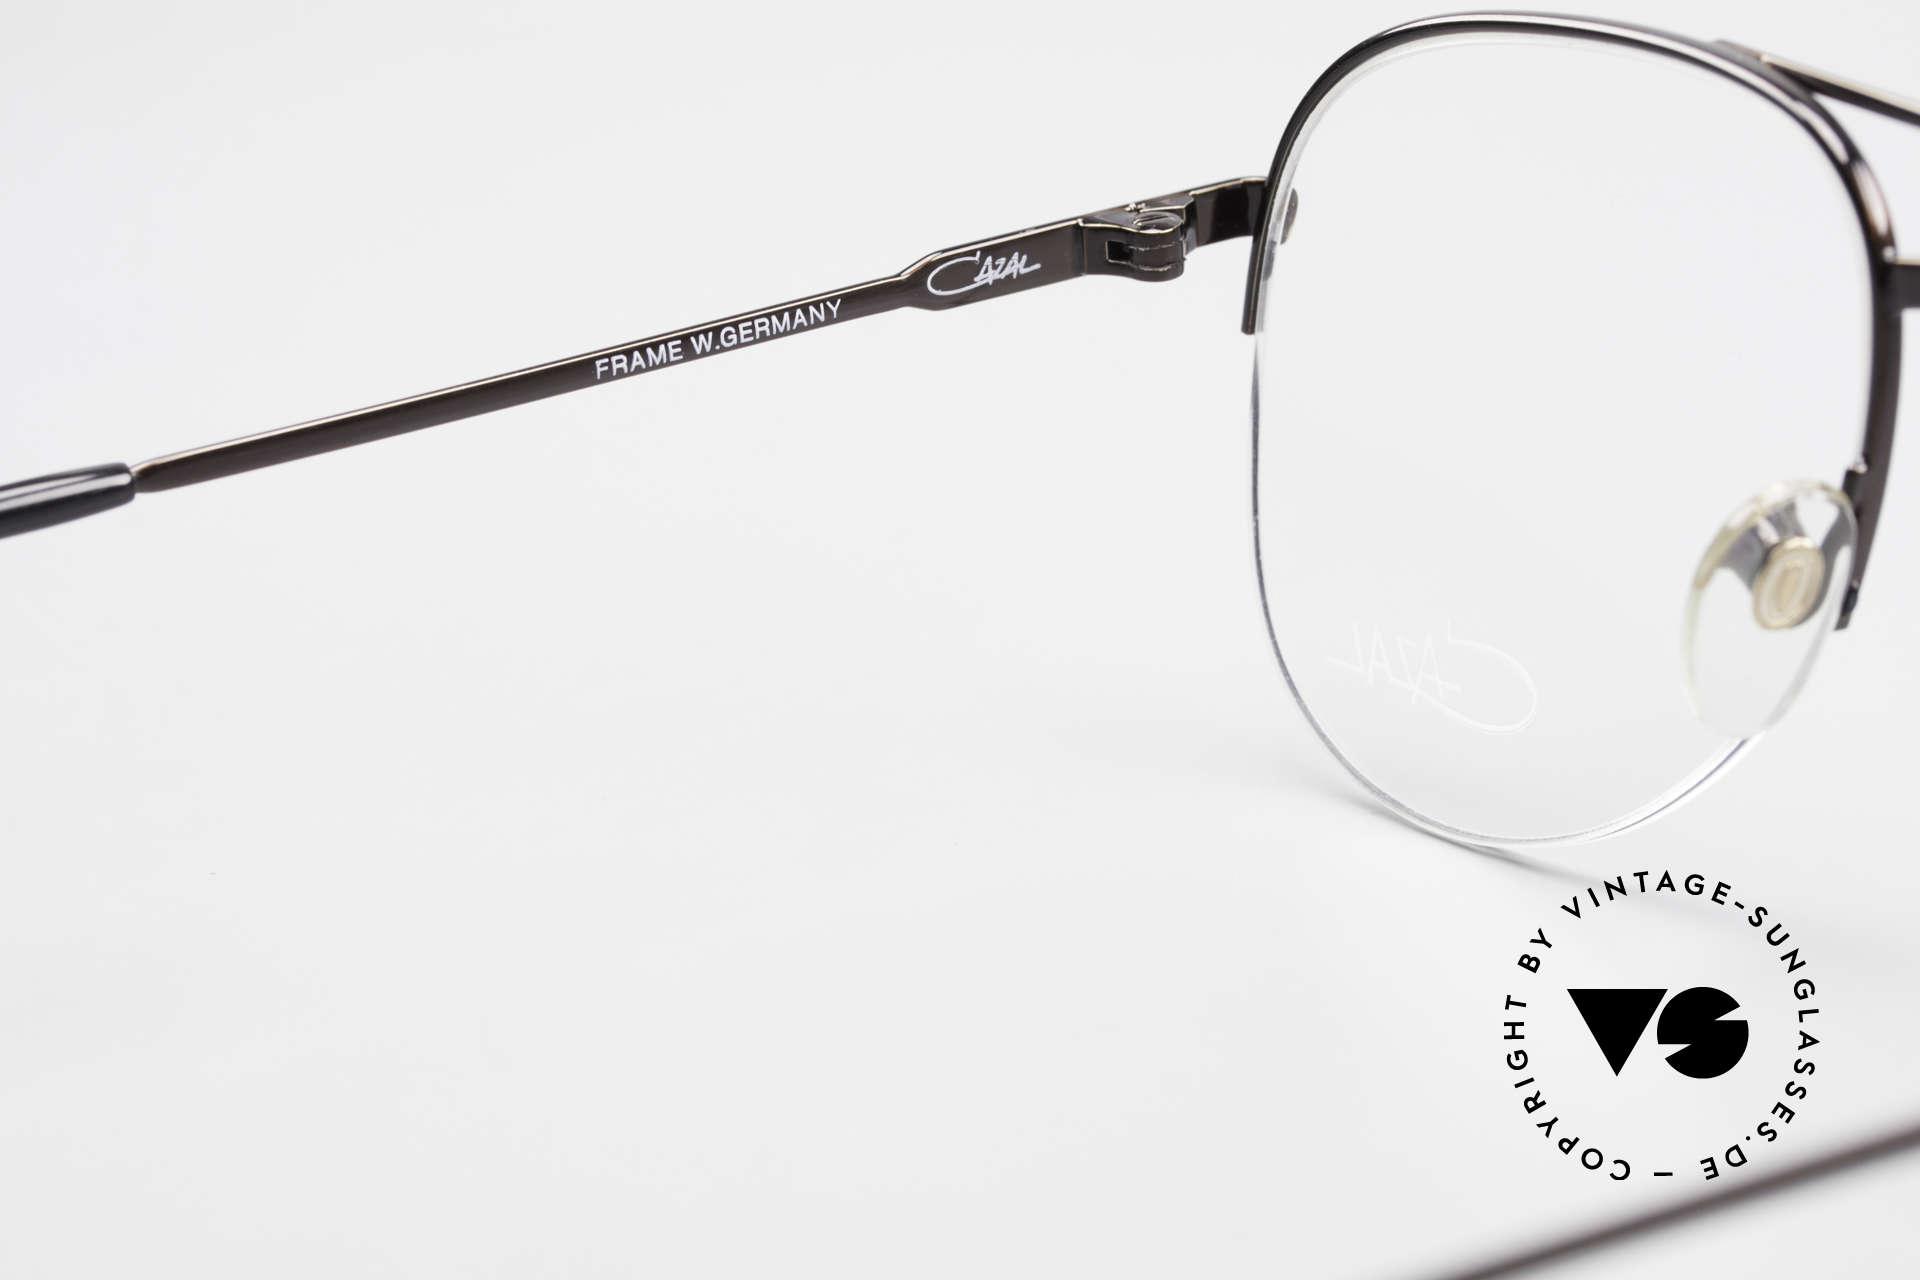 Cazal 717 Alte 80er Brille Halb Randlos, KEINE RETRO-Mode; ein 35J. altes Unikat!, Passend für Herren